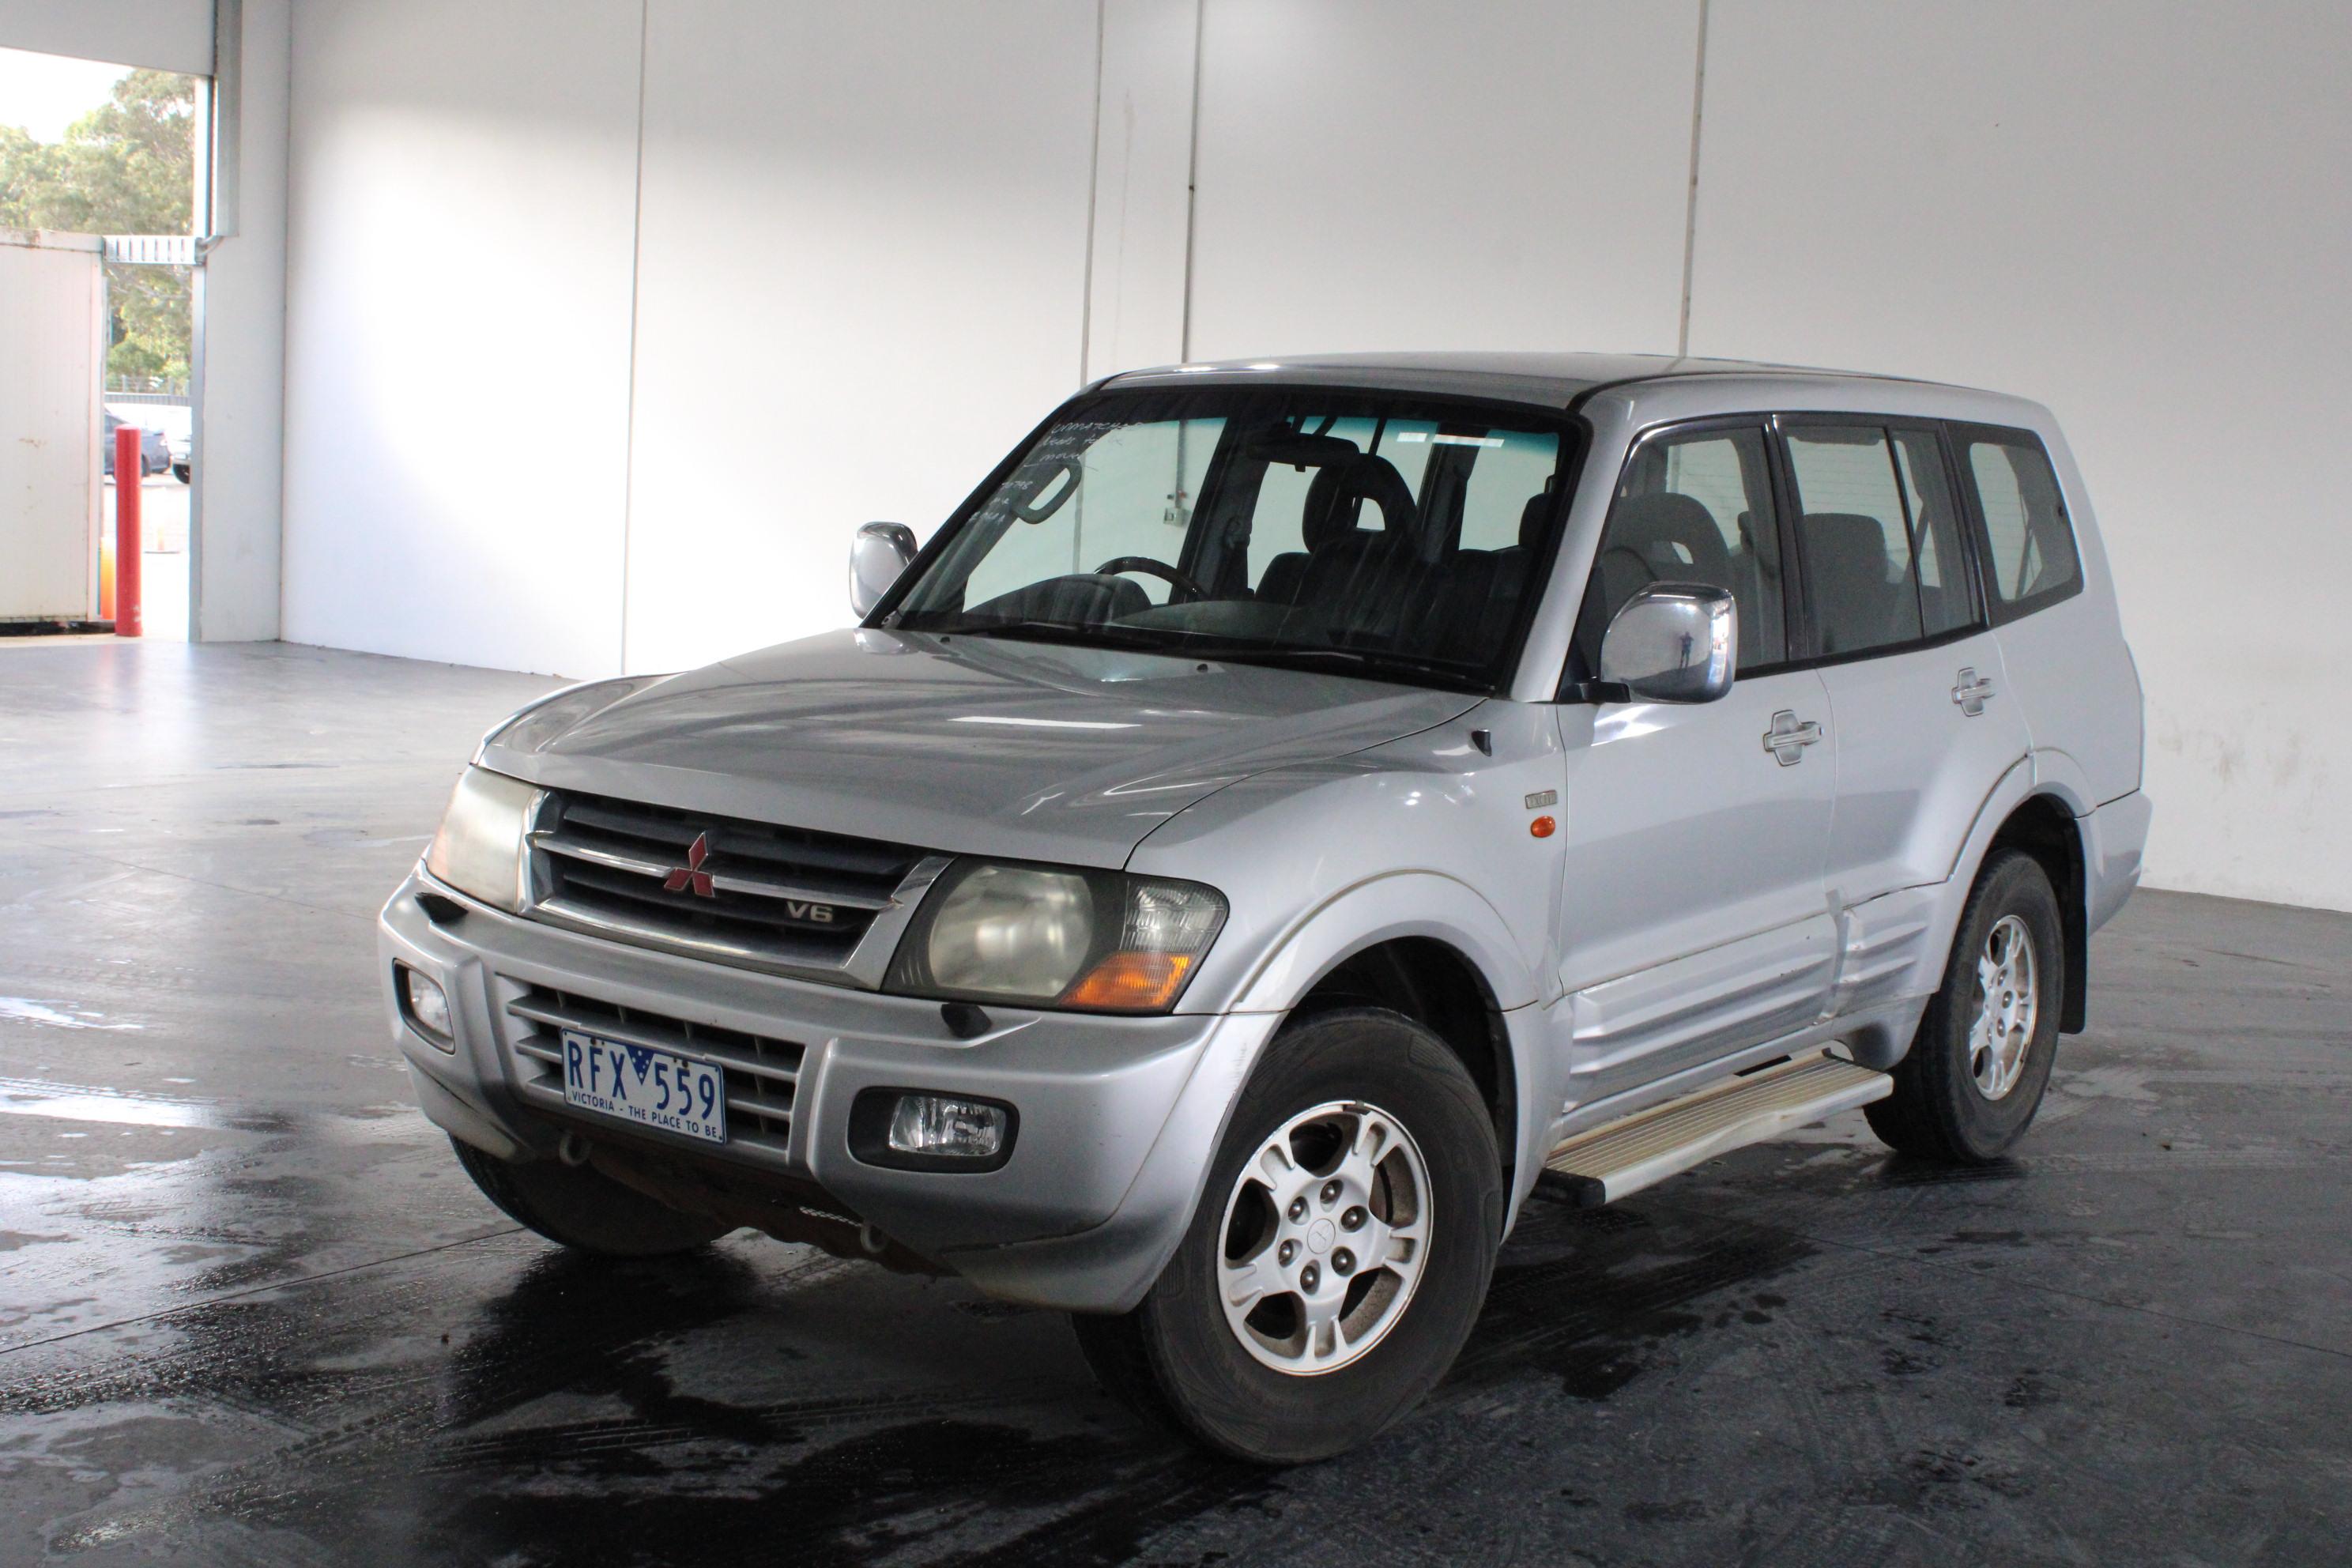 2001 Mitsubishi Pajero GLS LWB (4x4) NM Automatic 7 Seats Wagon